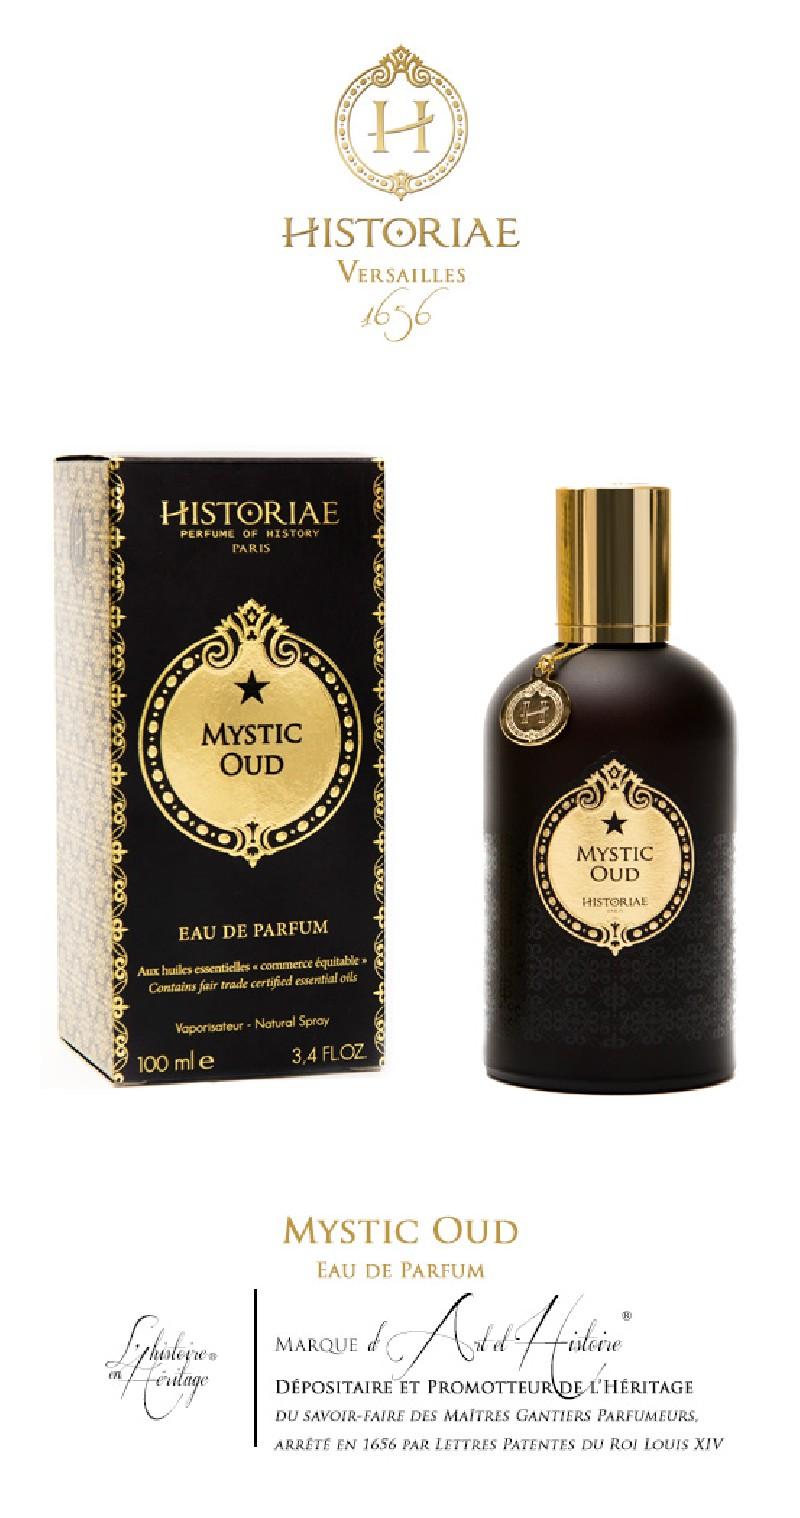 Mystic Oud - Eau de parfum